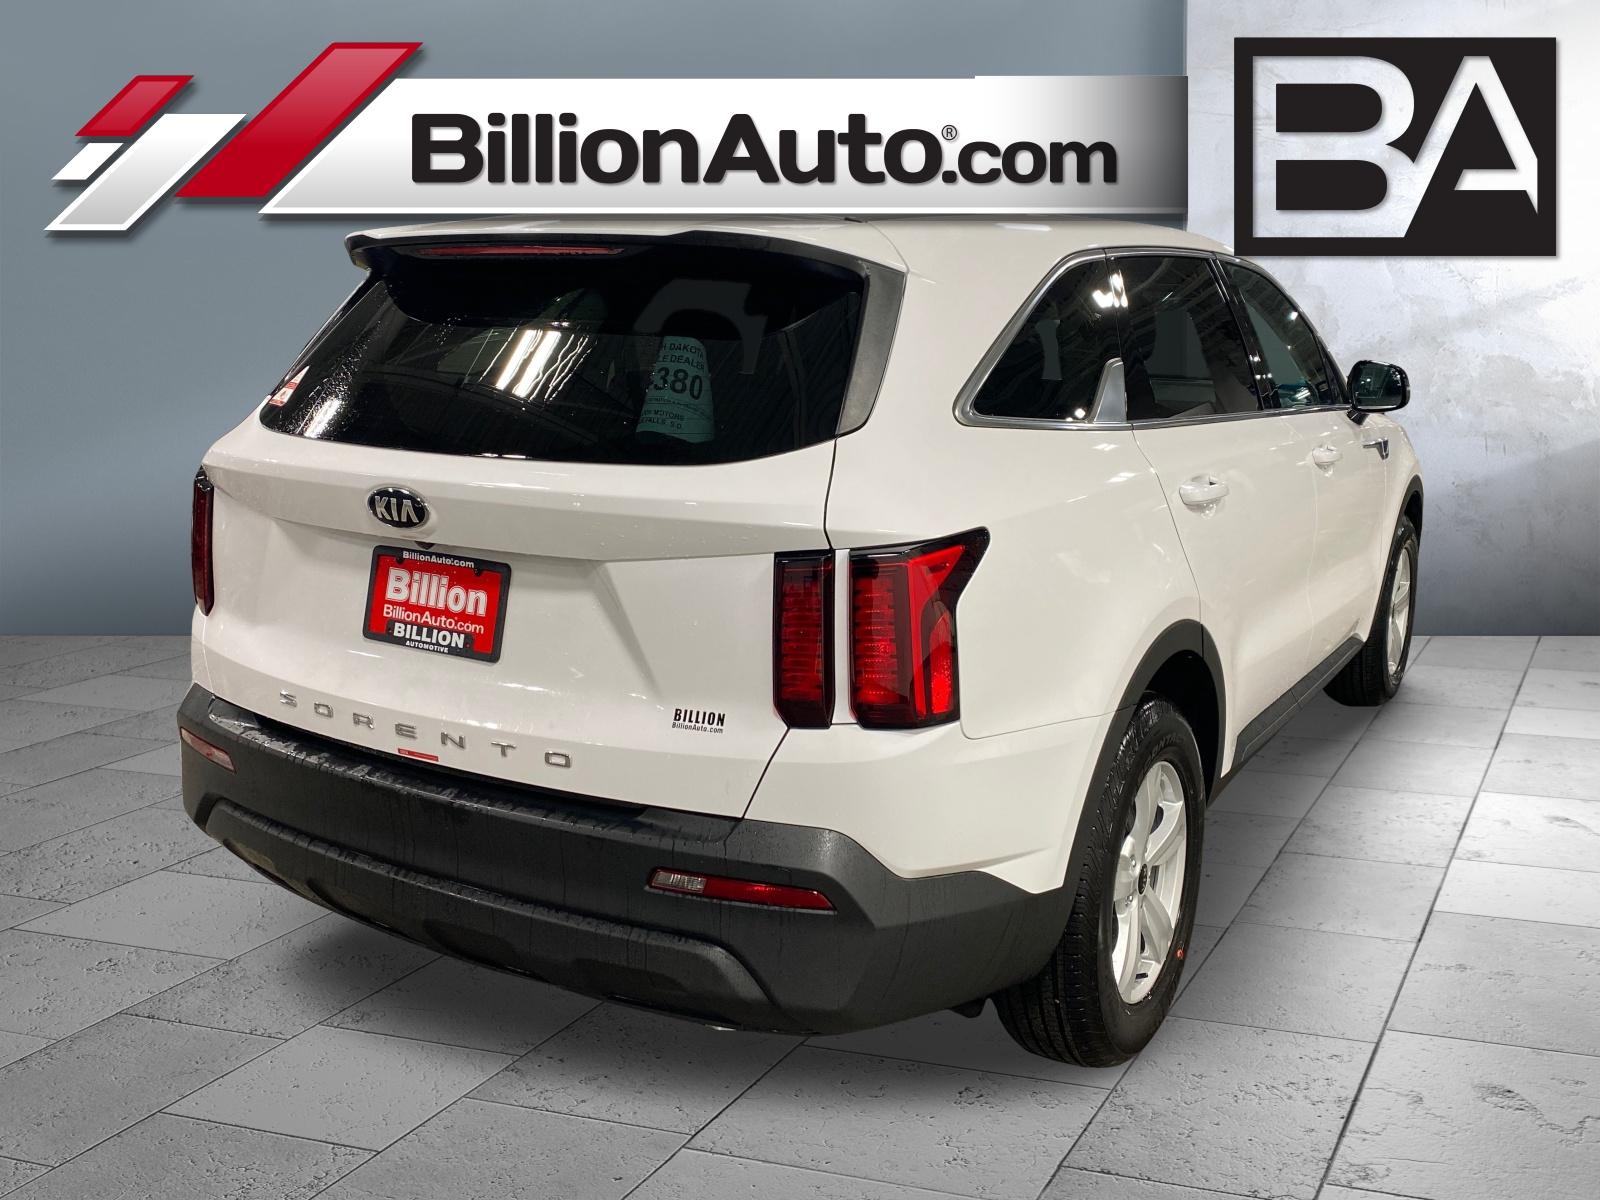 New 2021 Kia Sorento For Sale in Sioux Falls, SD   Billion ...